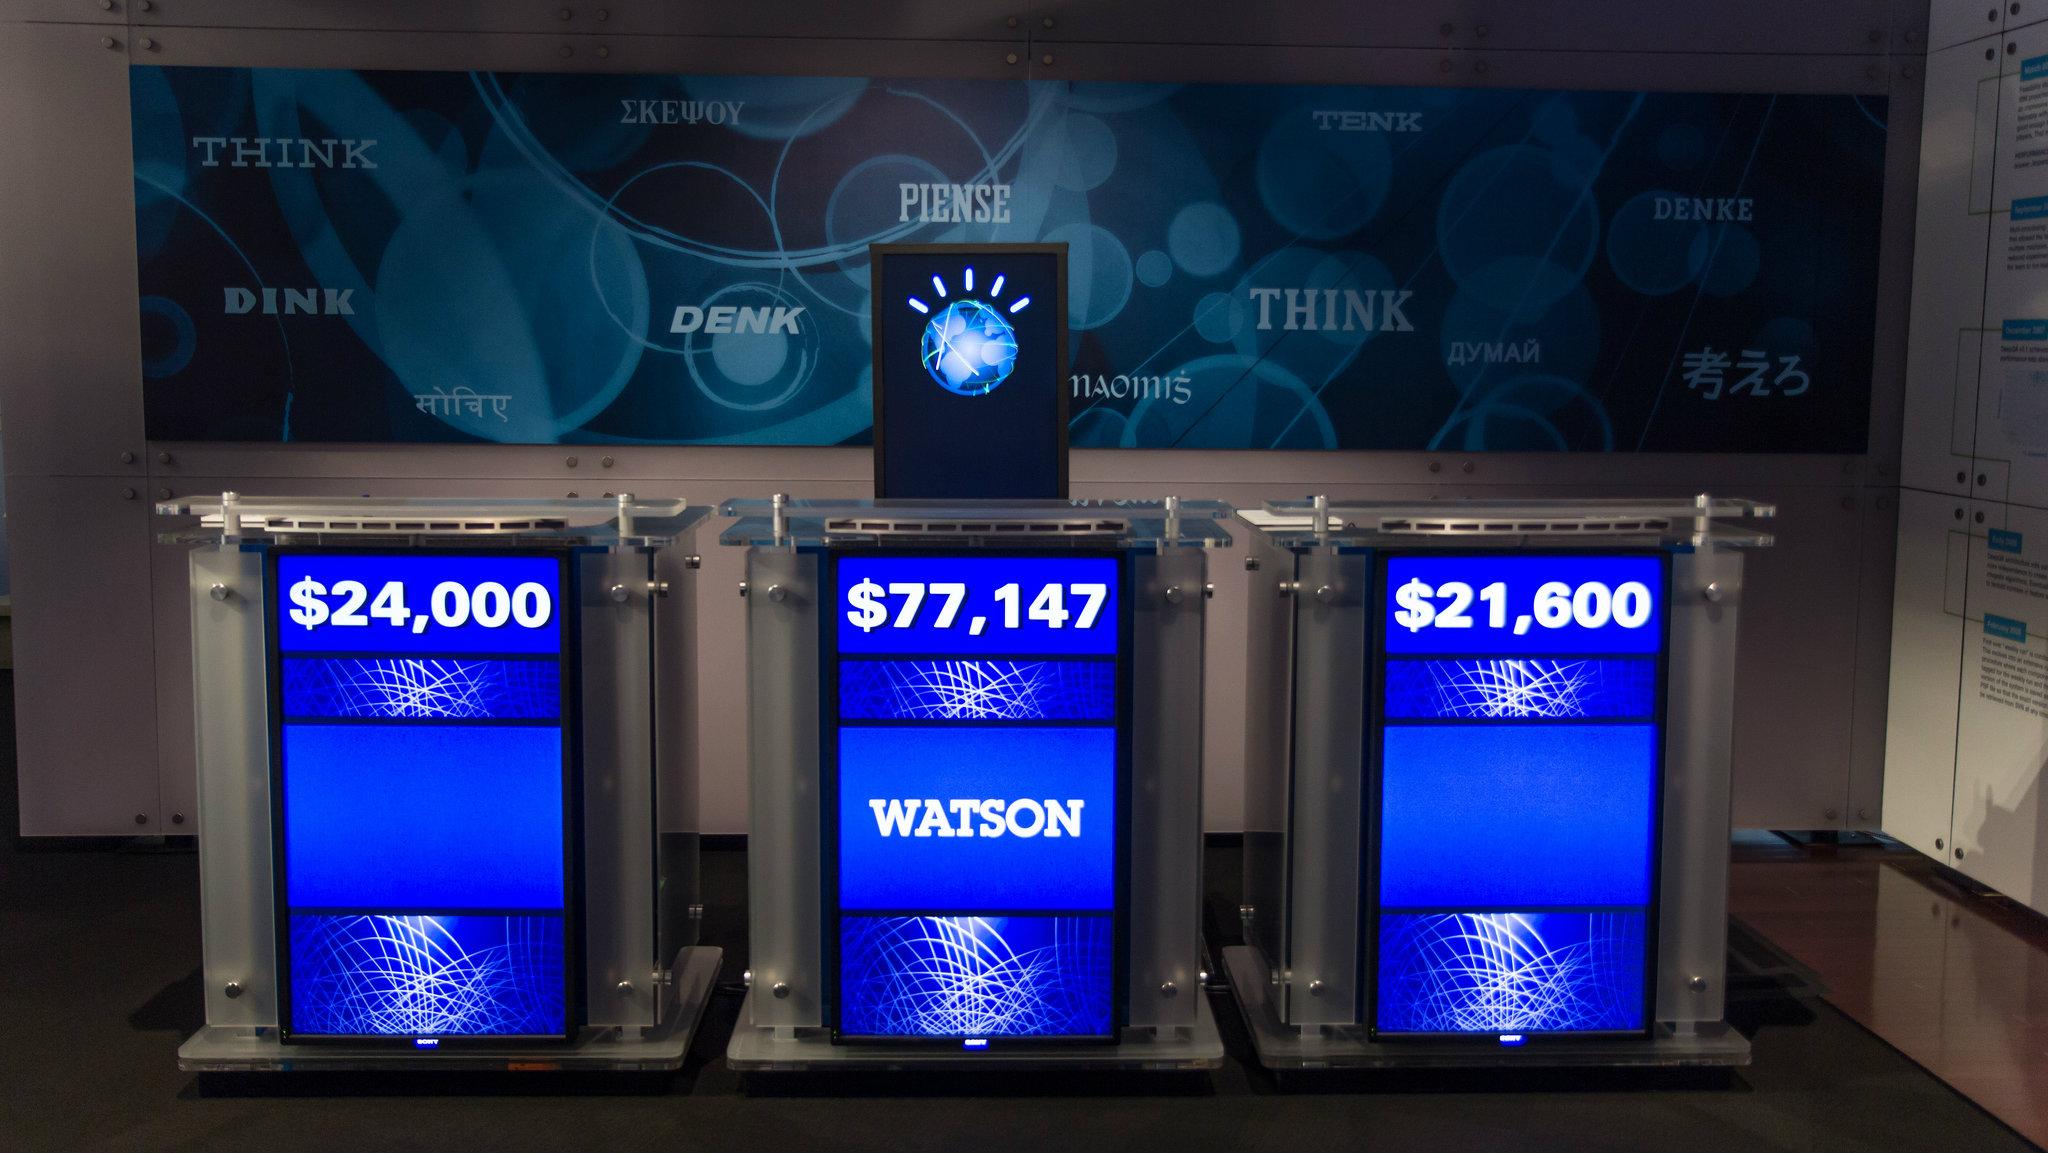 ibm_watson_artificial_intelligence_jeopardy